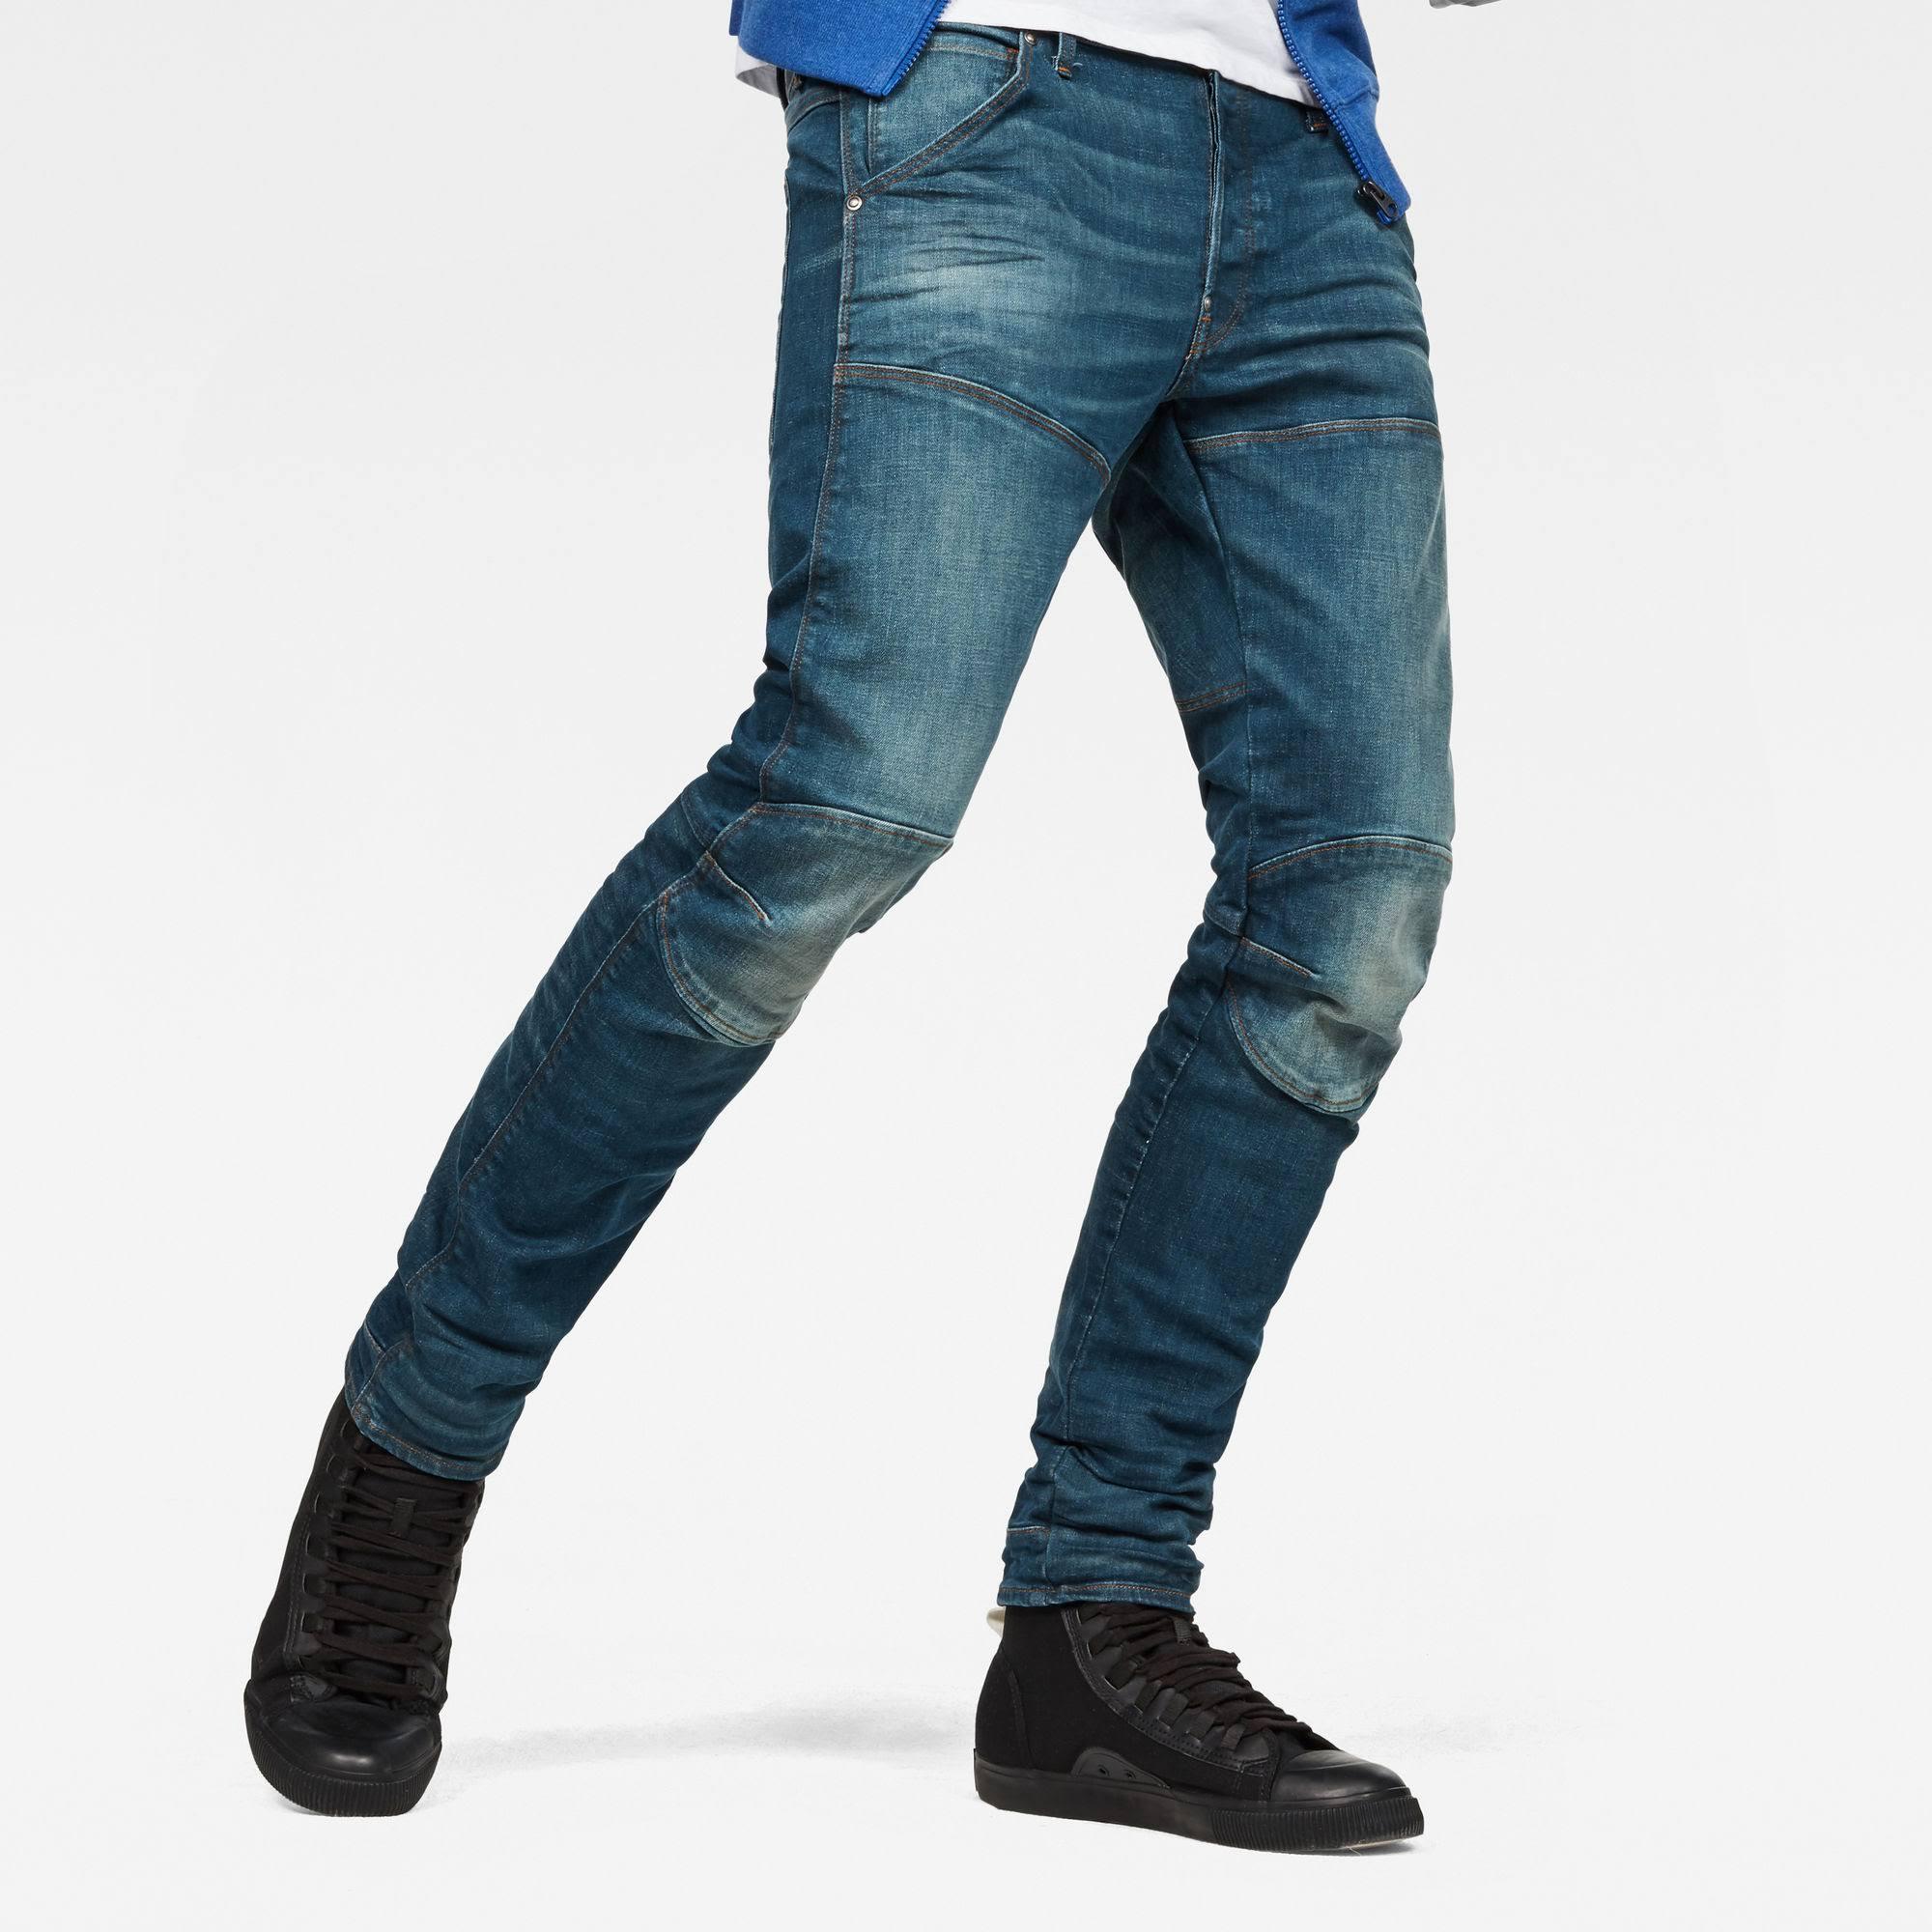 5620 Elwood G star Hombre Medium Slim Jeans 3d Blue xHxEtqwrU